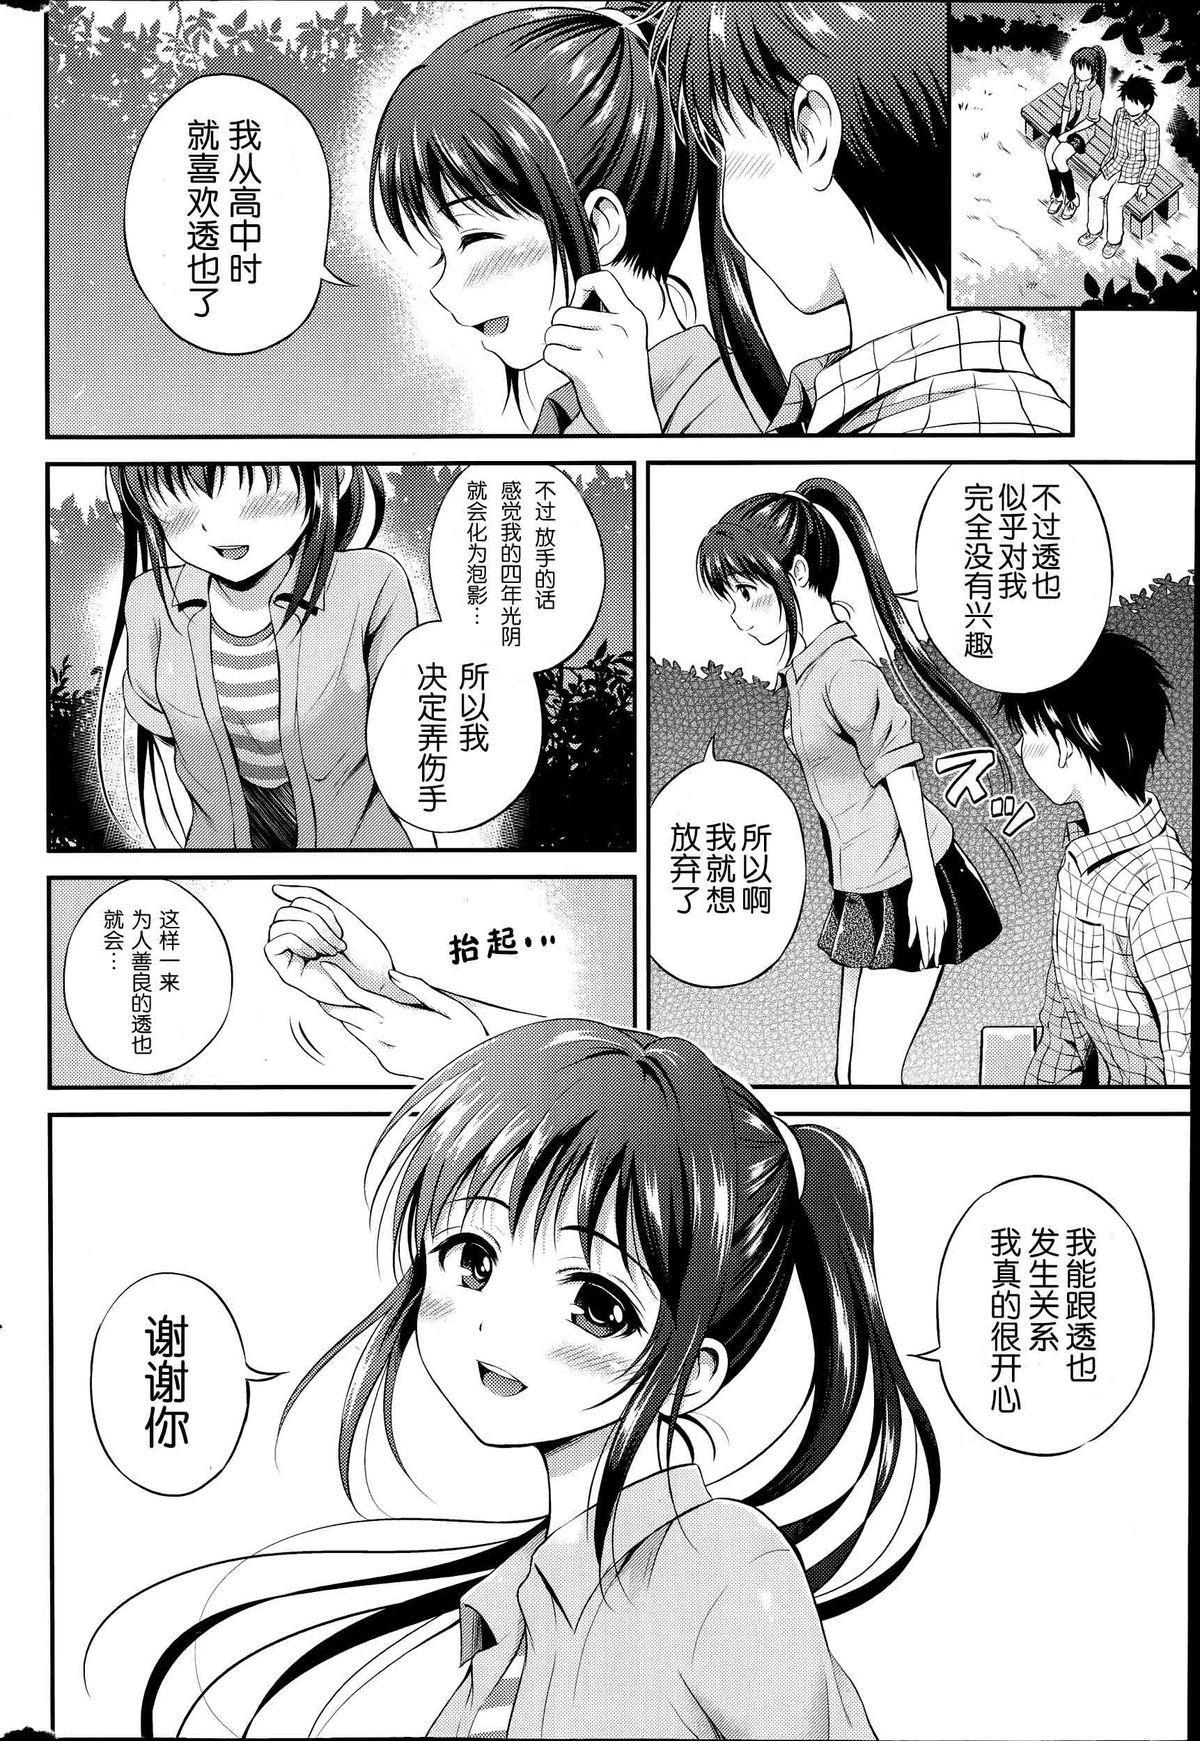 Kataomoi Bandage Ch. 1-2 21